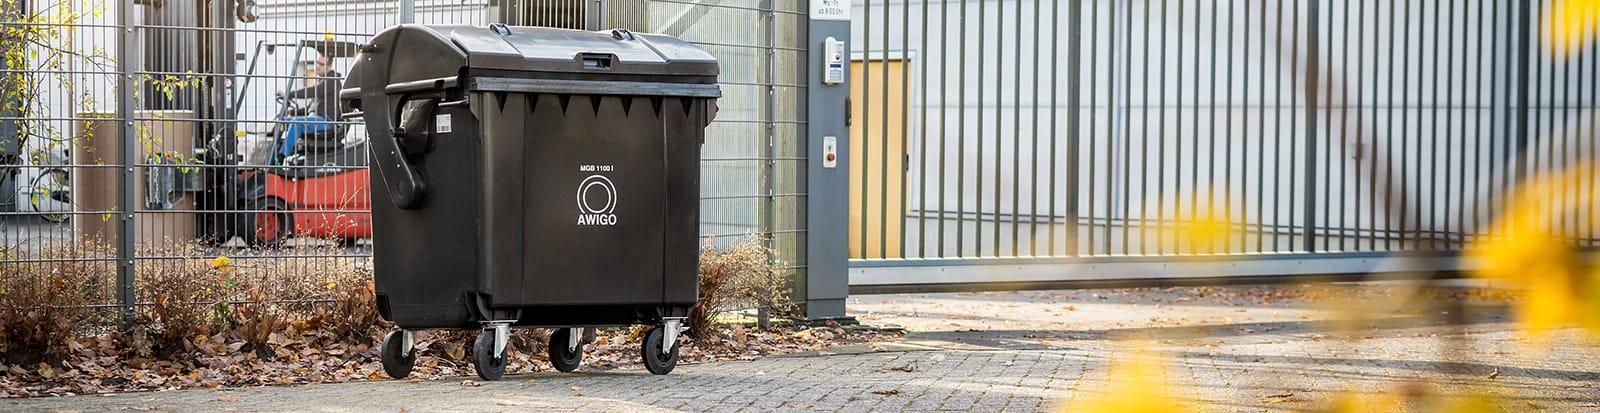 Müllgroßbehälter